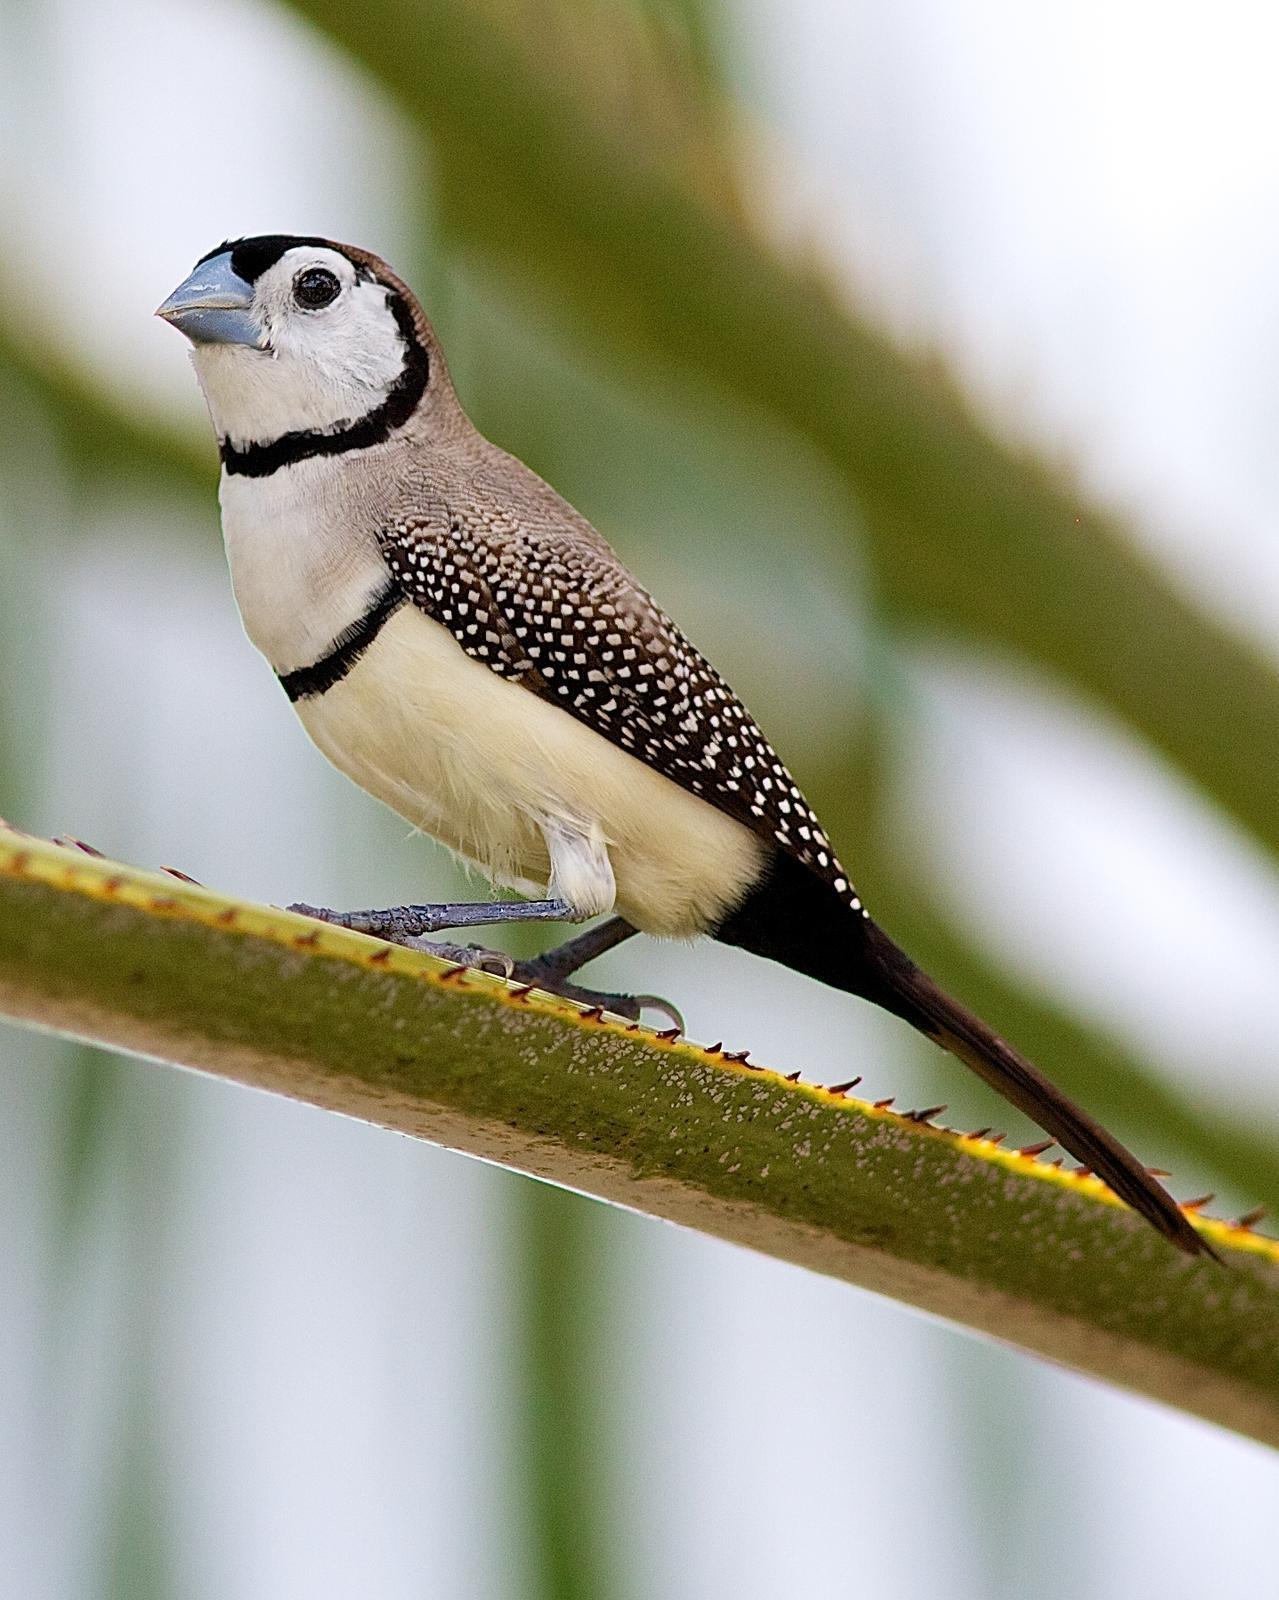 Double-barred Finch Photo by Luke Shelley